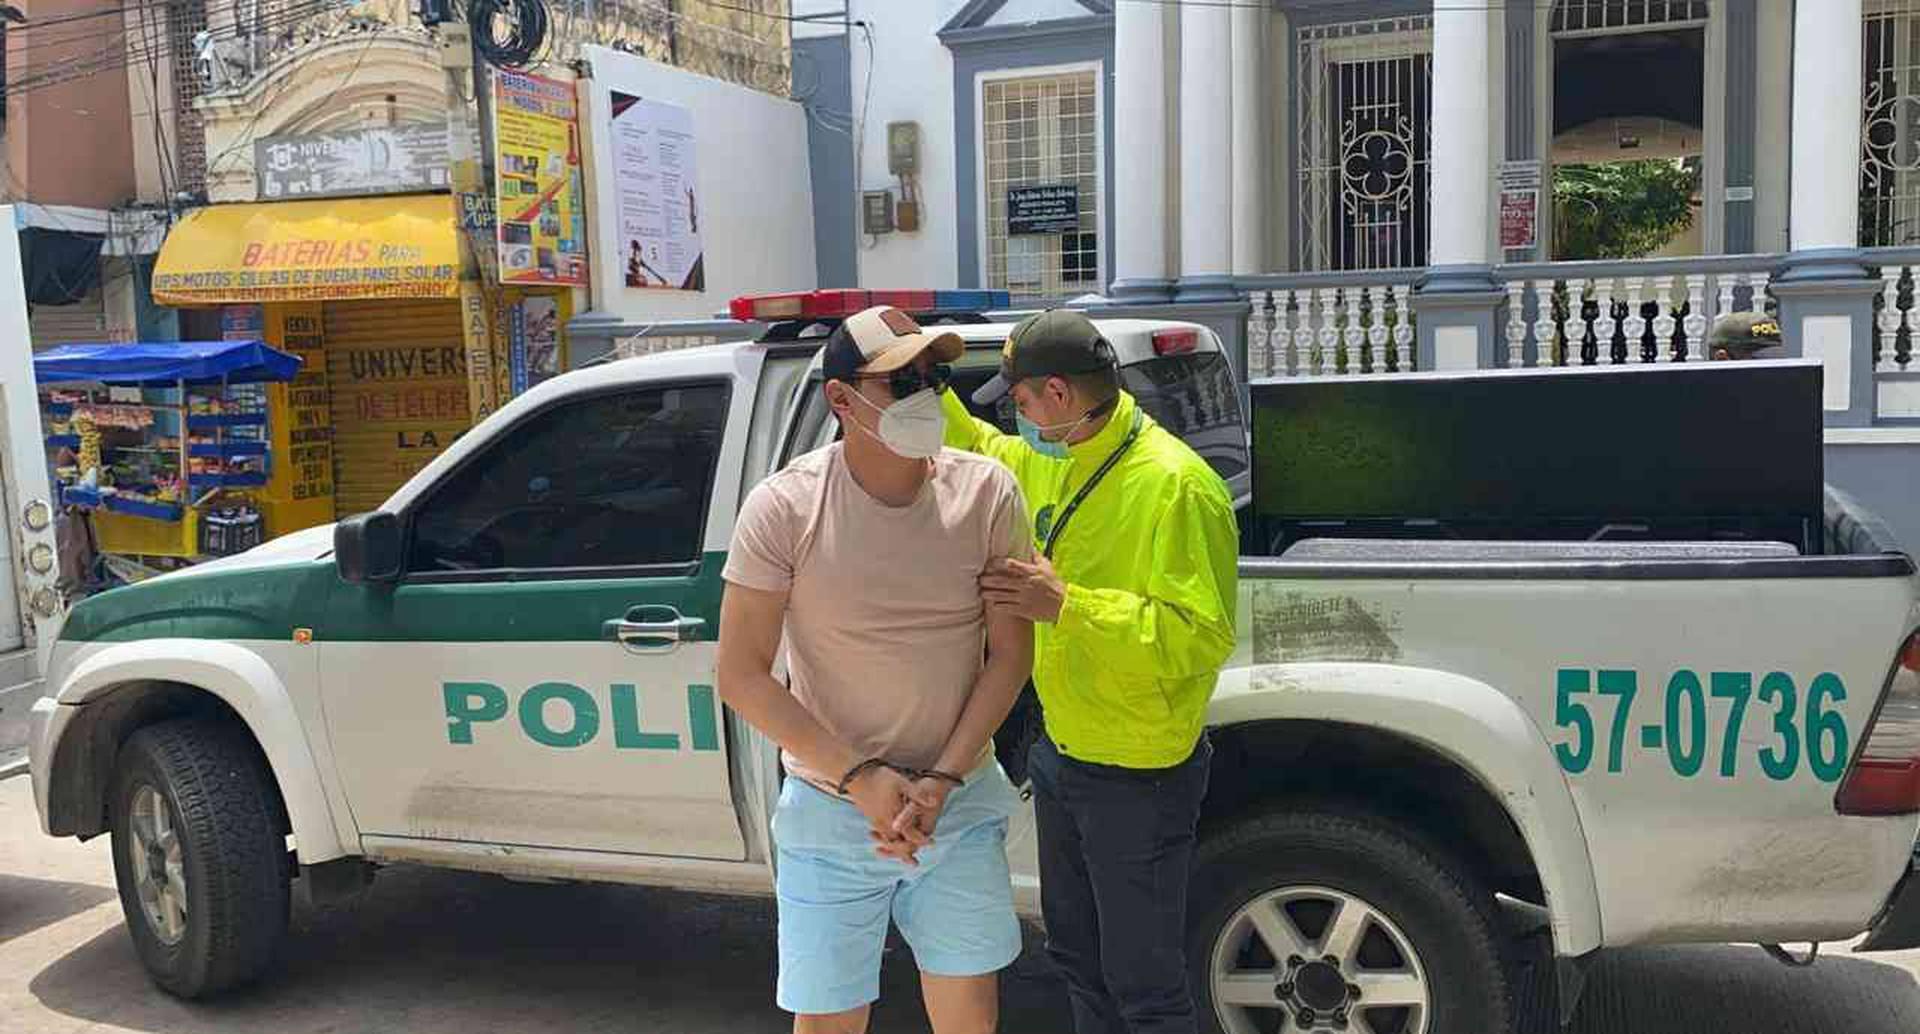 Imágenes del operativo realizado en Barranquilla, en caso de contrabando de Zapatos.